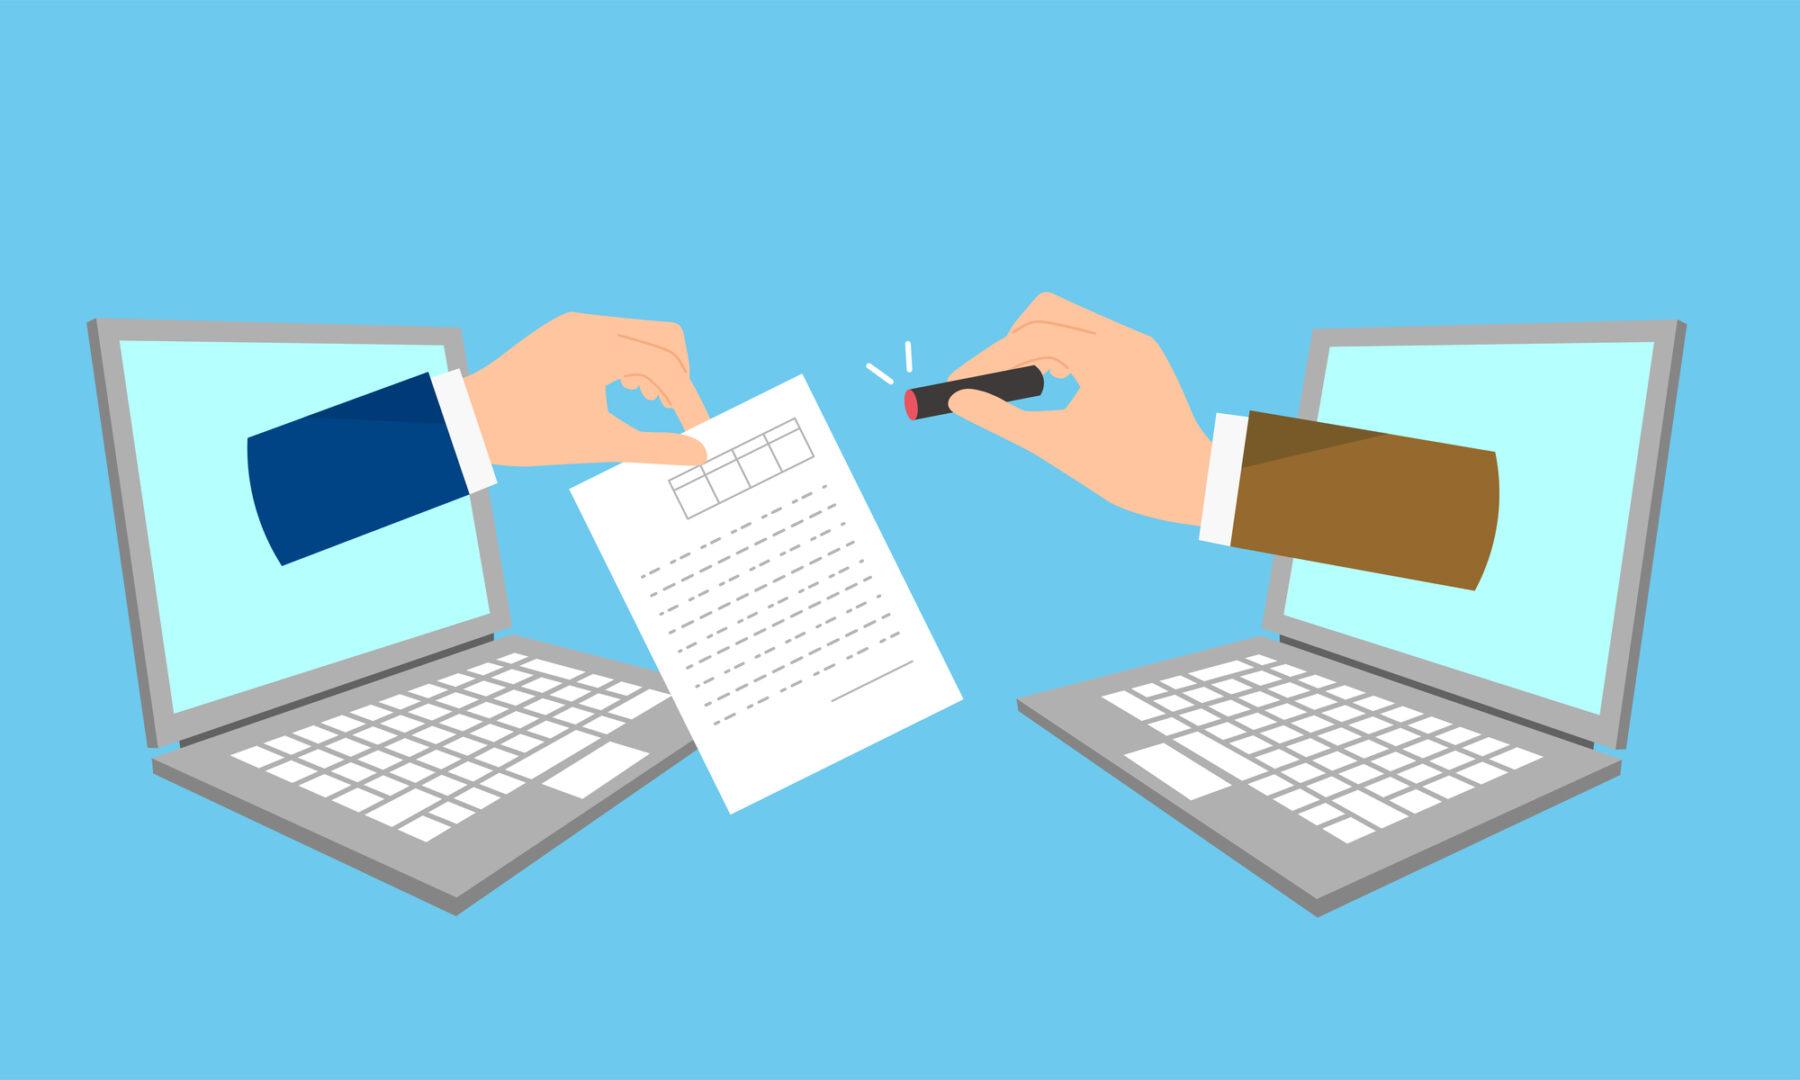 契約書管理システムおすすめ7選!選定ポイントやメリット・デメリットも解説